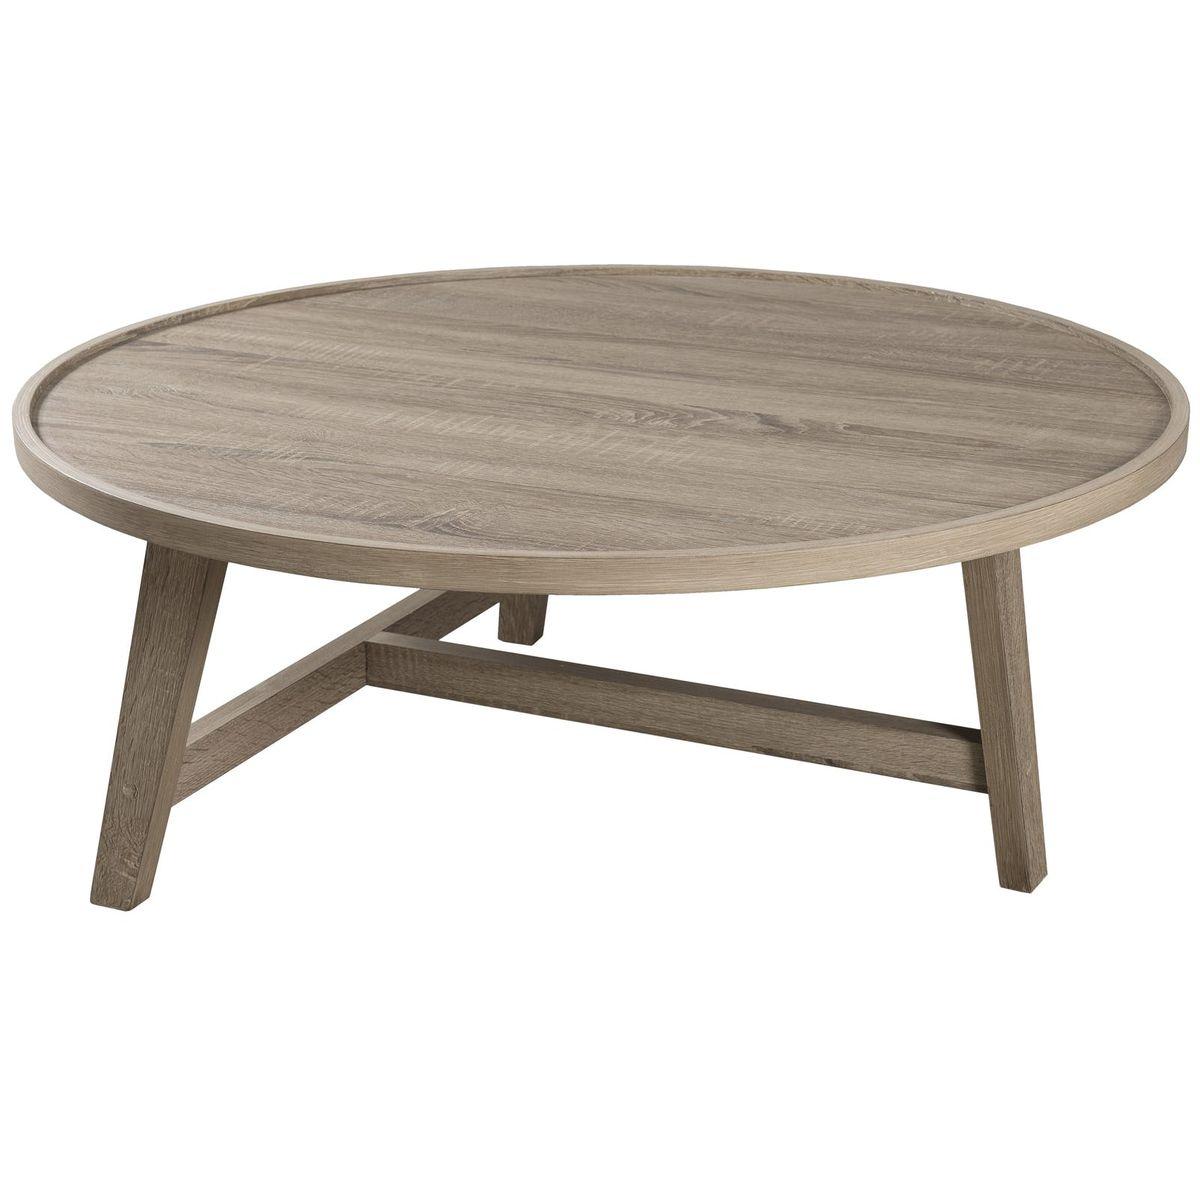 Table Basse Ronde 90cm Bois Naturel Style Contemporain Industriel Landaise Table De Salon Table Basse Ronde Table De Salon Ronde